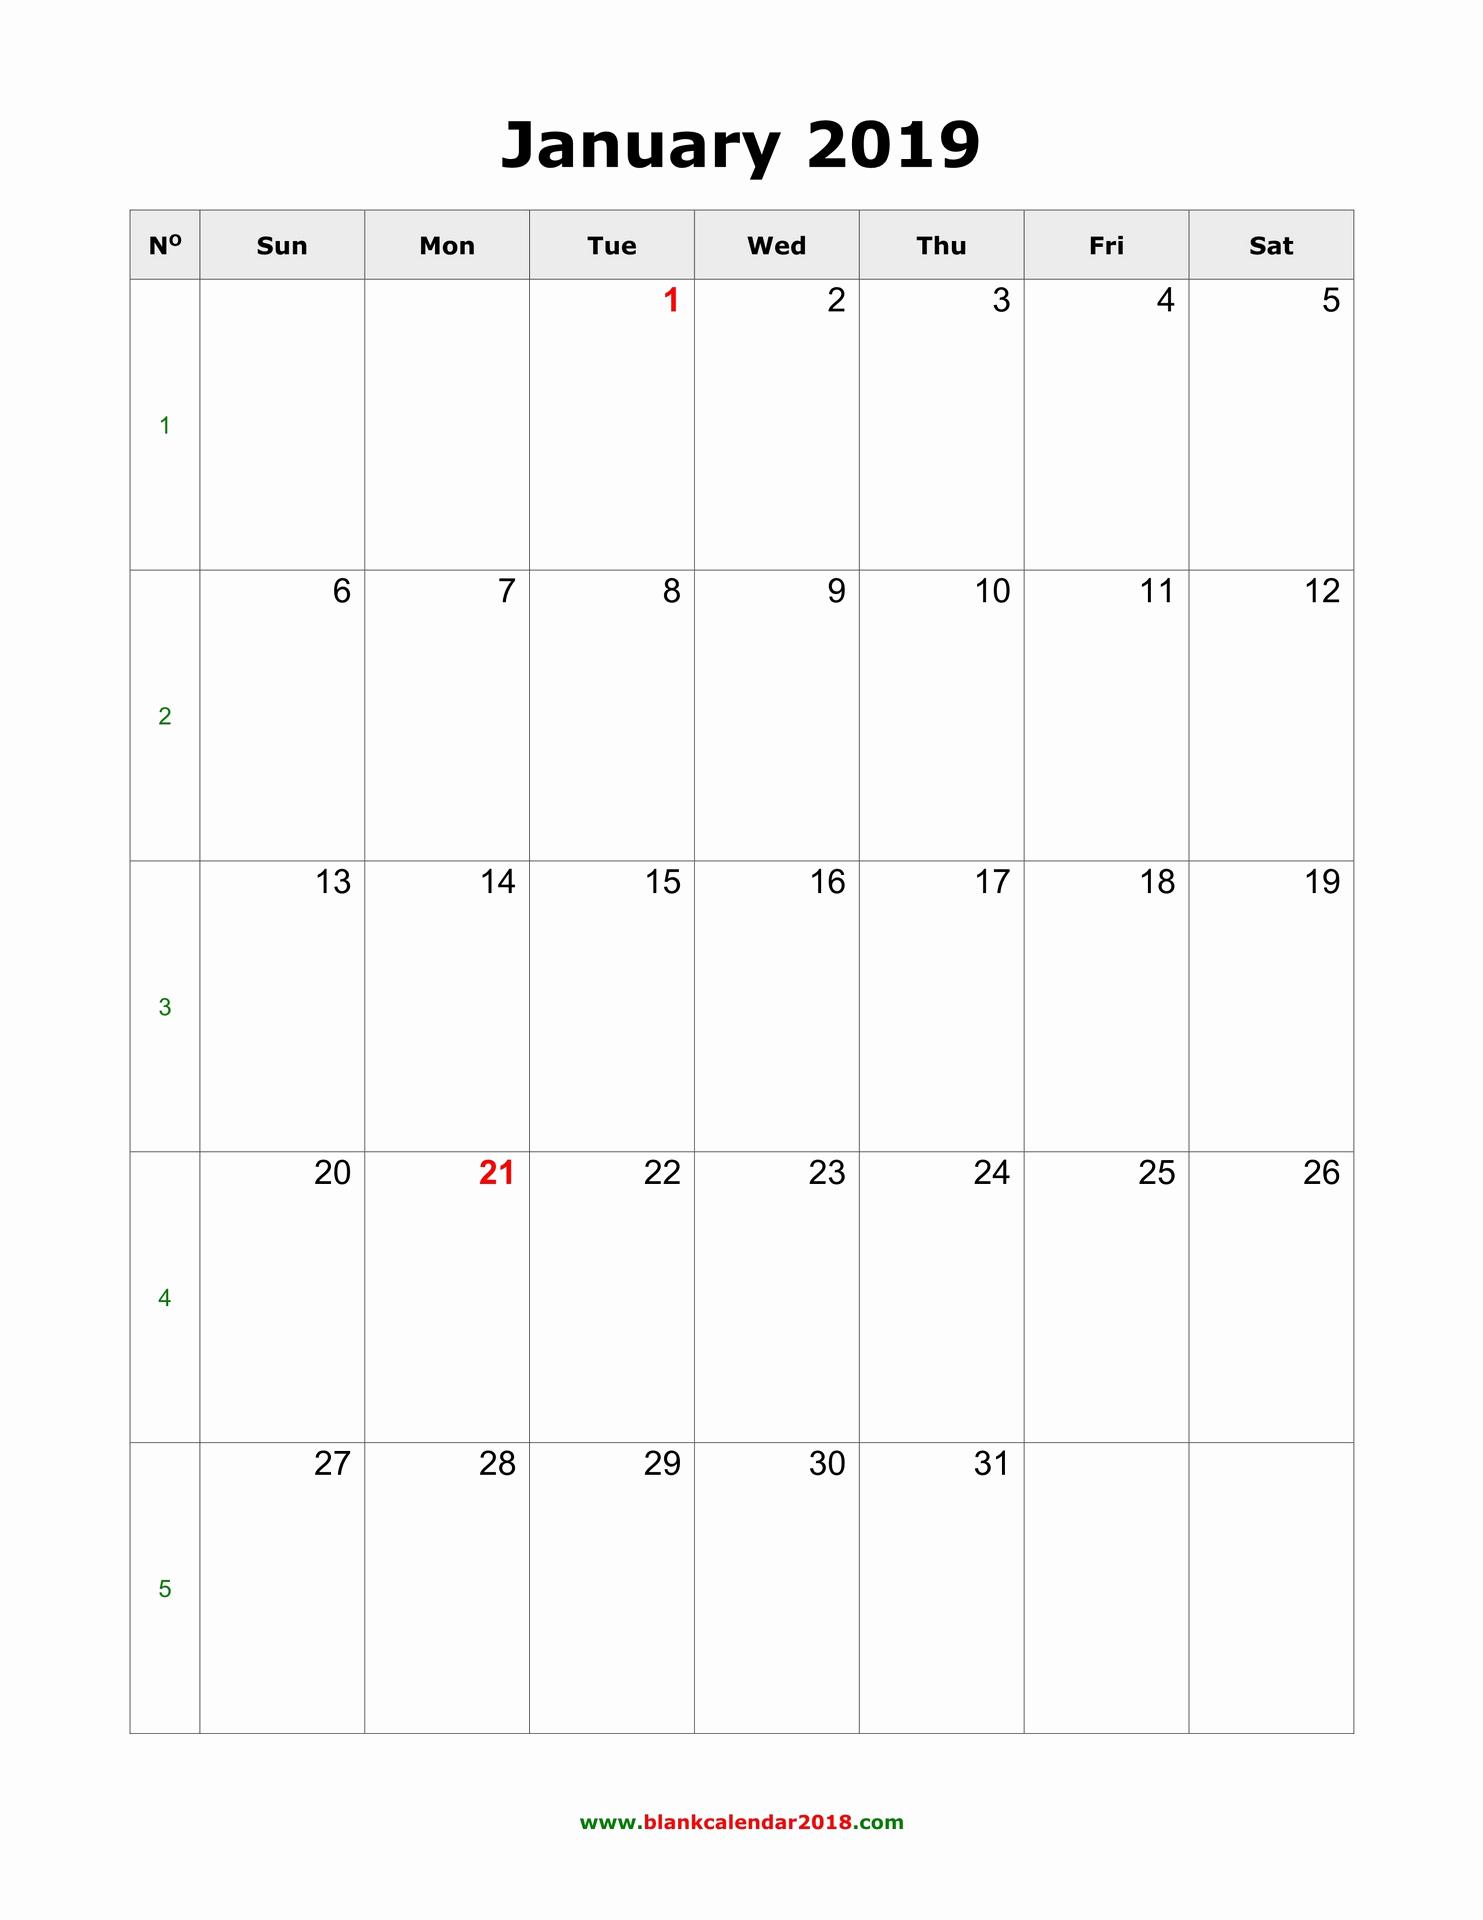 Monthly Calendar Template 2019 Best Of Blank Calendar 2019